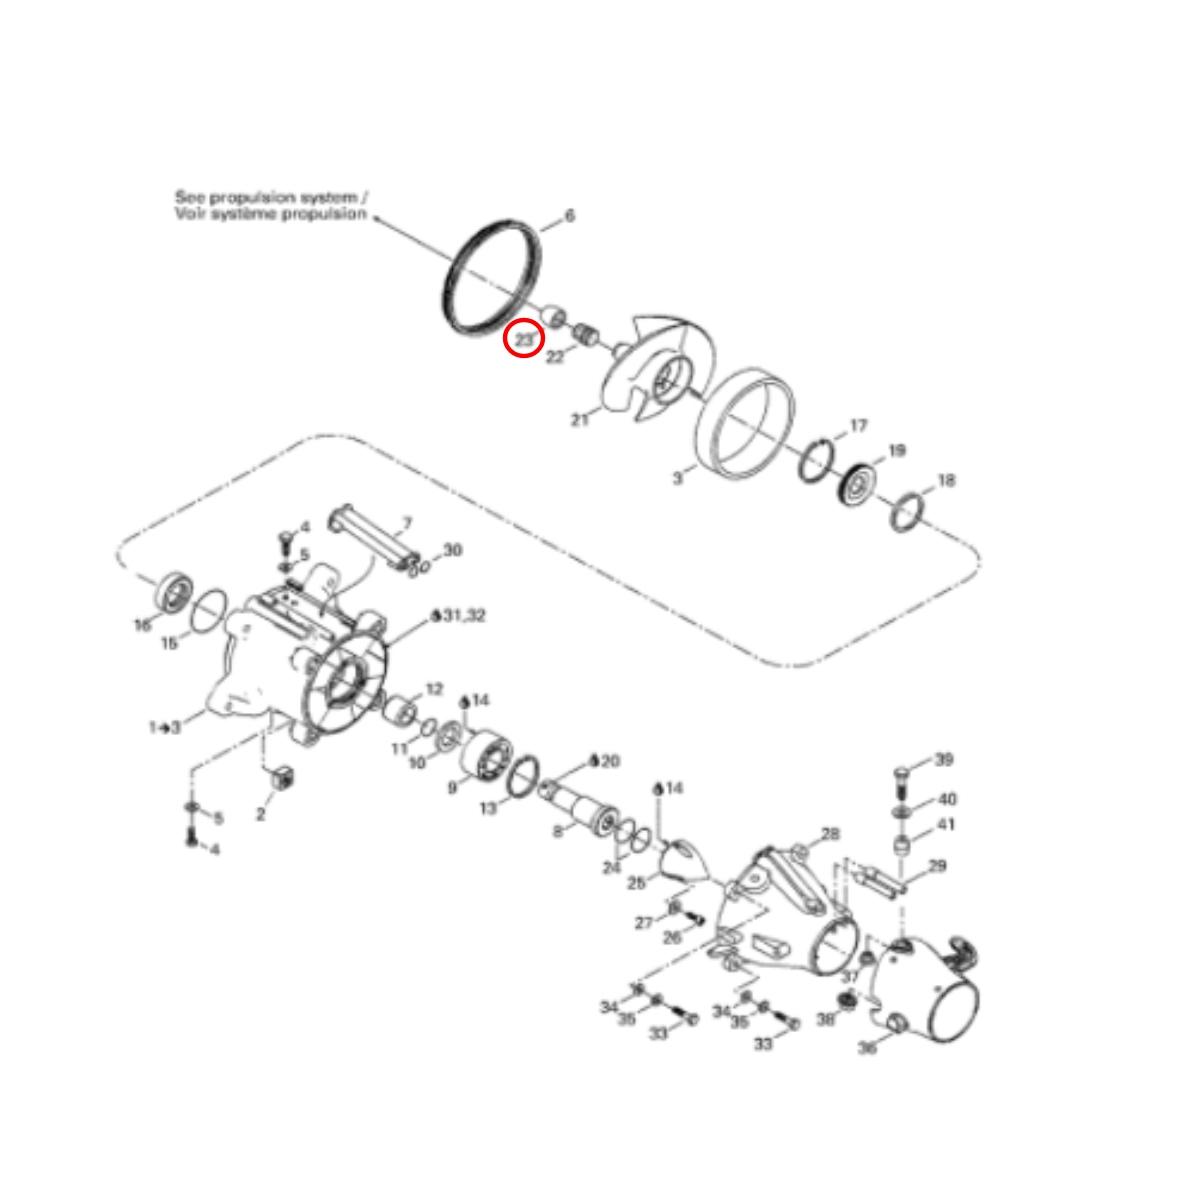 Bucha da Hélice Jet Ski Sea Doo GTX 4 TEC  - Radical Peças - Peças para Jet Ski